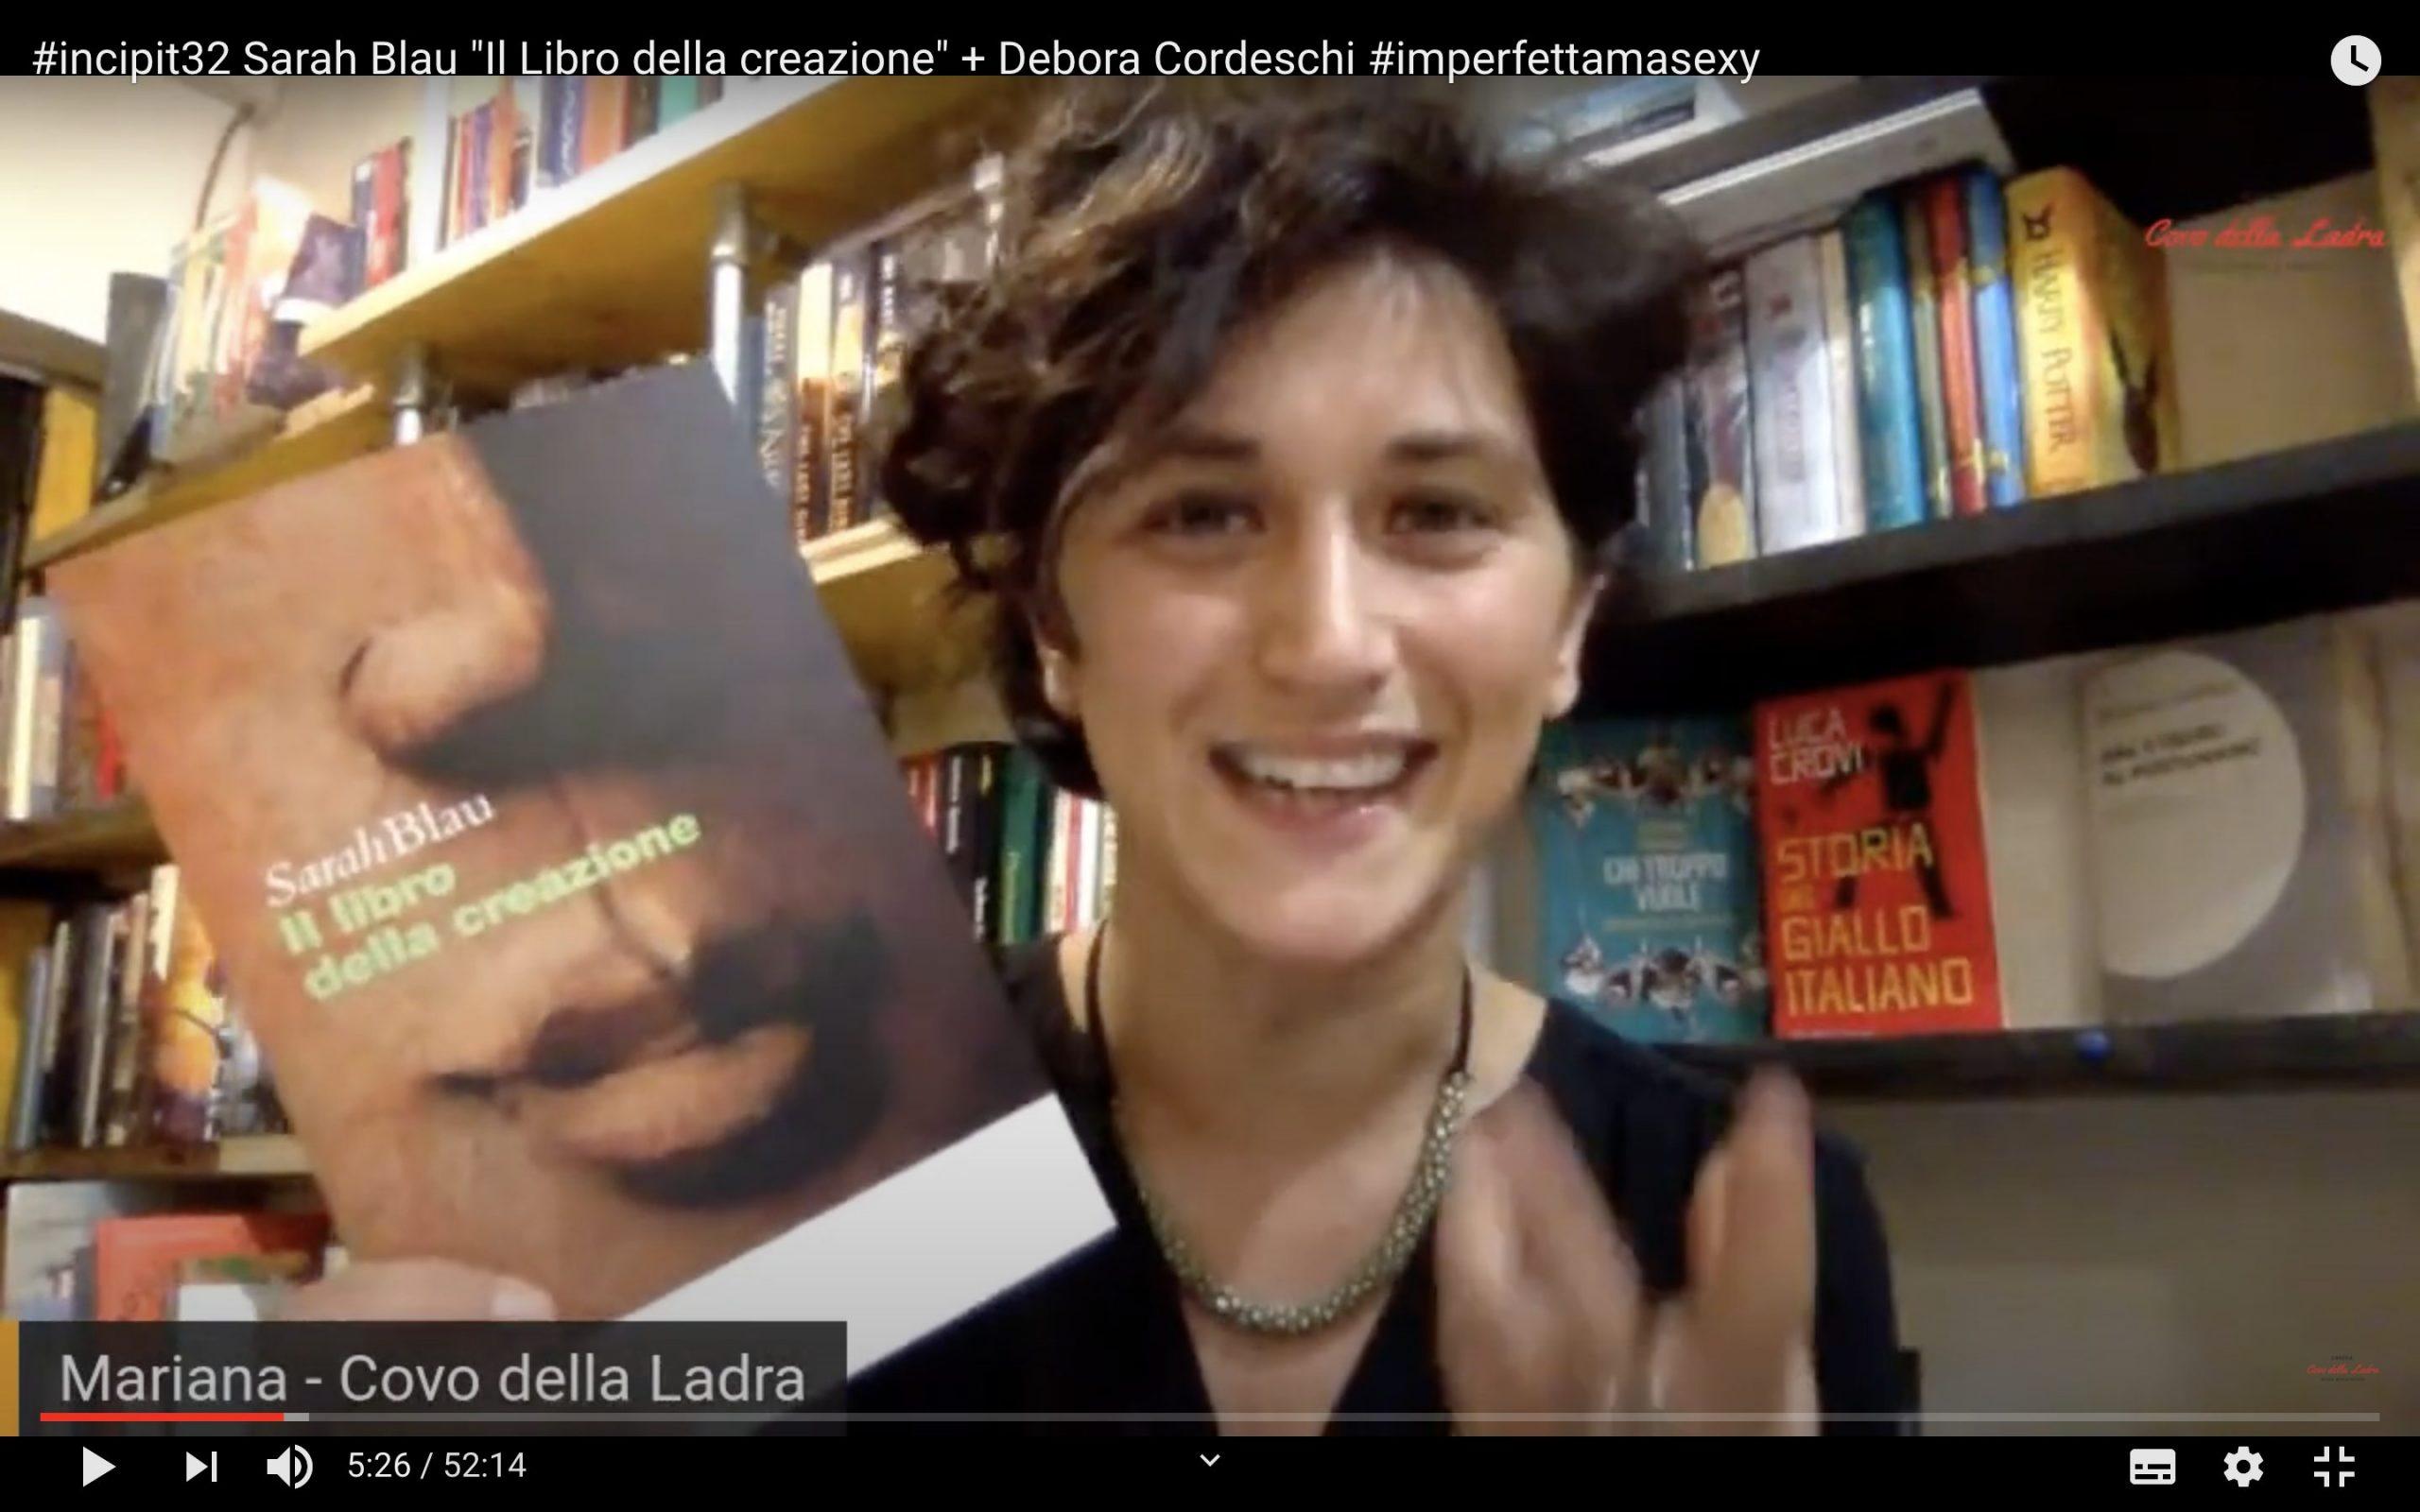 """#incipit32 Sarah Blau """"Il Libro della creazione"""" + Debora Cordeschi #imperfettamasexy"""